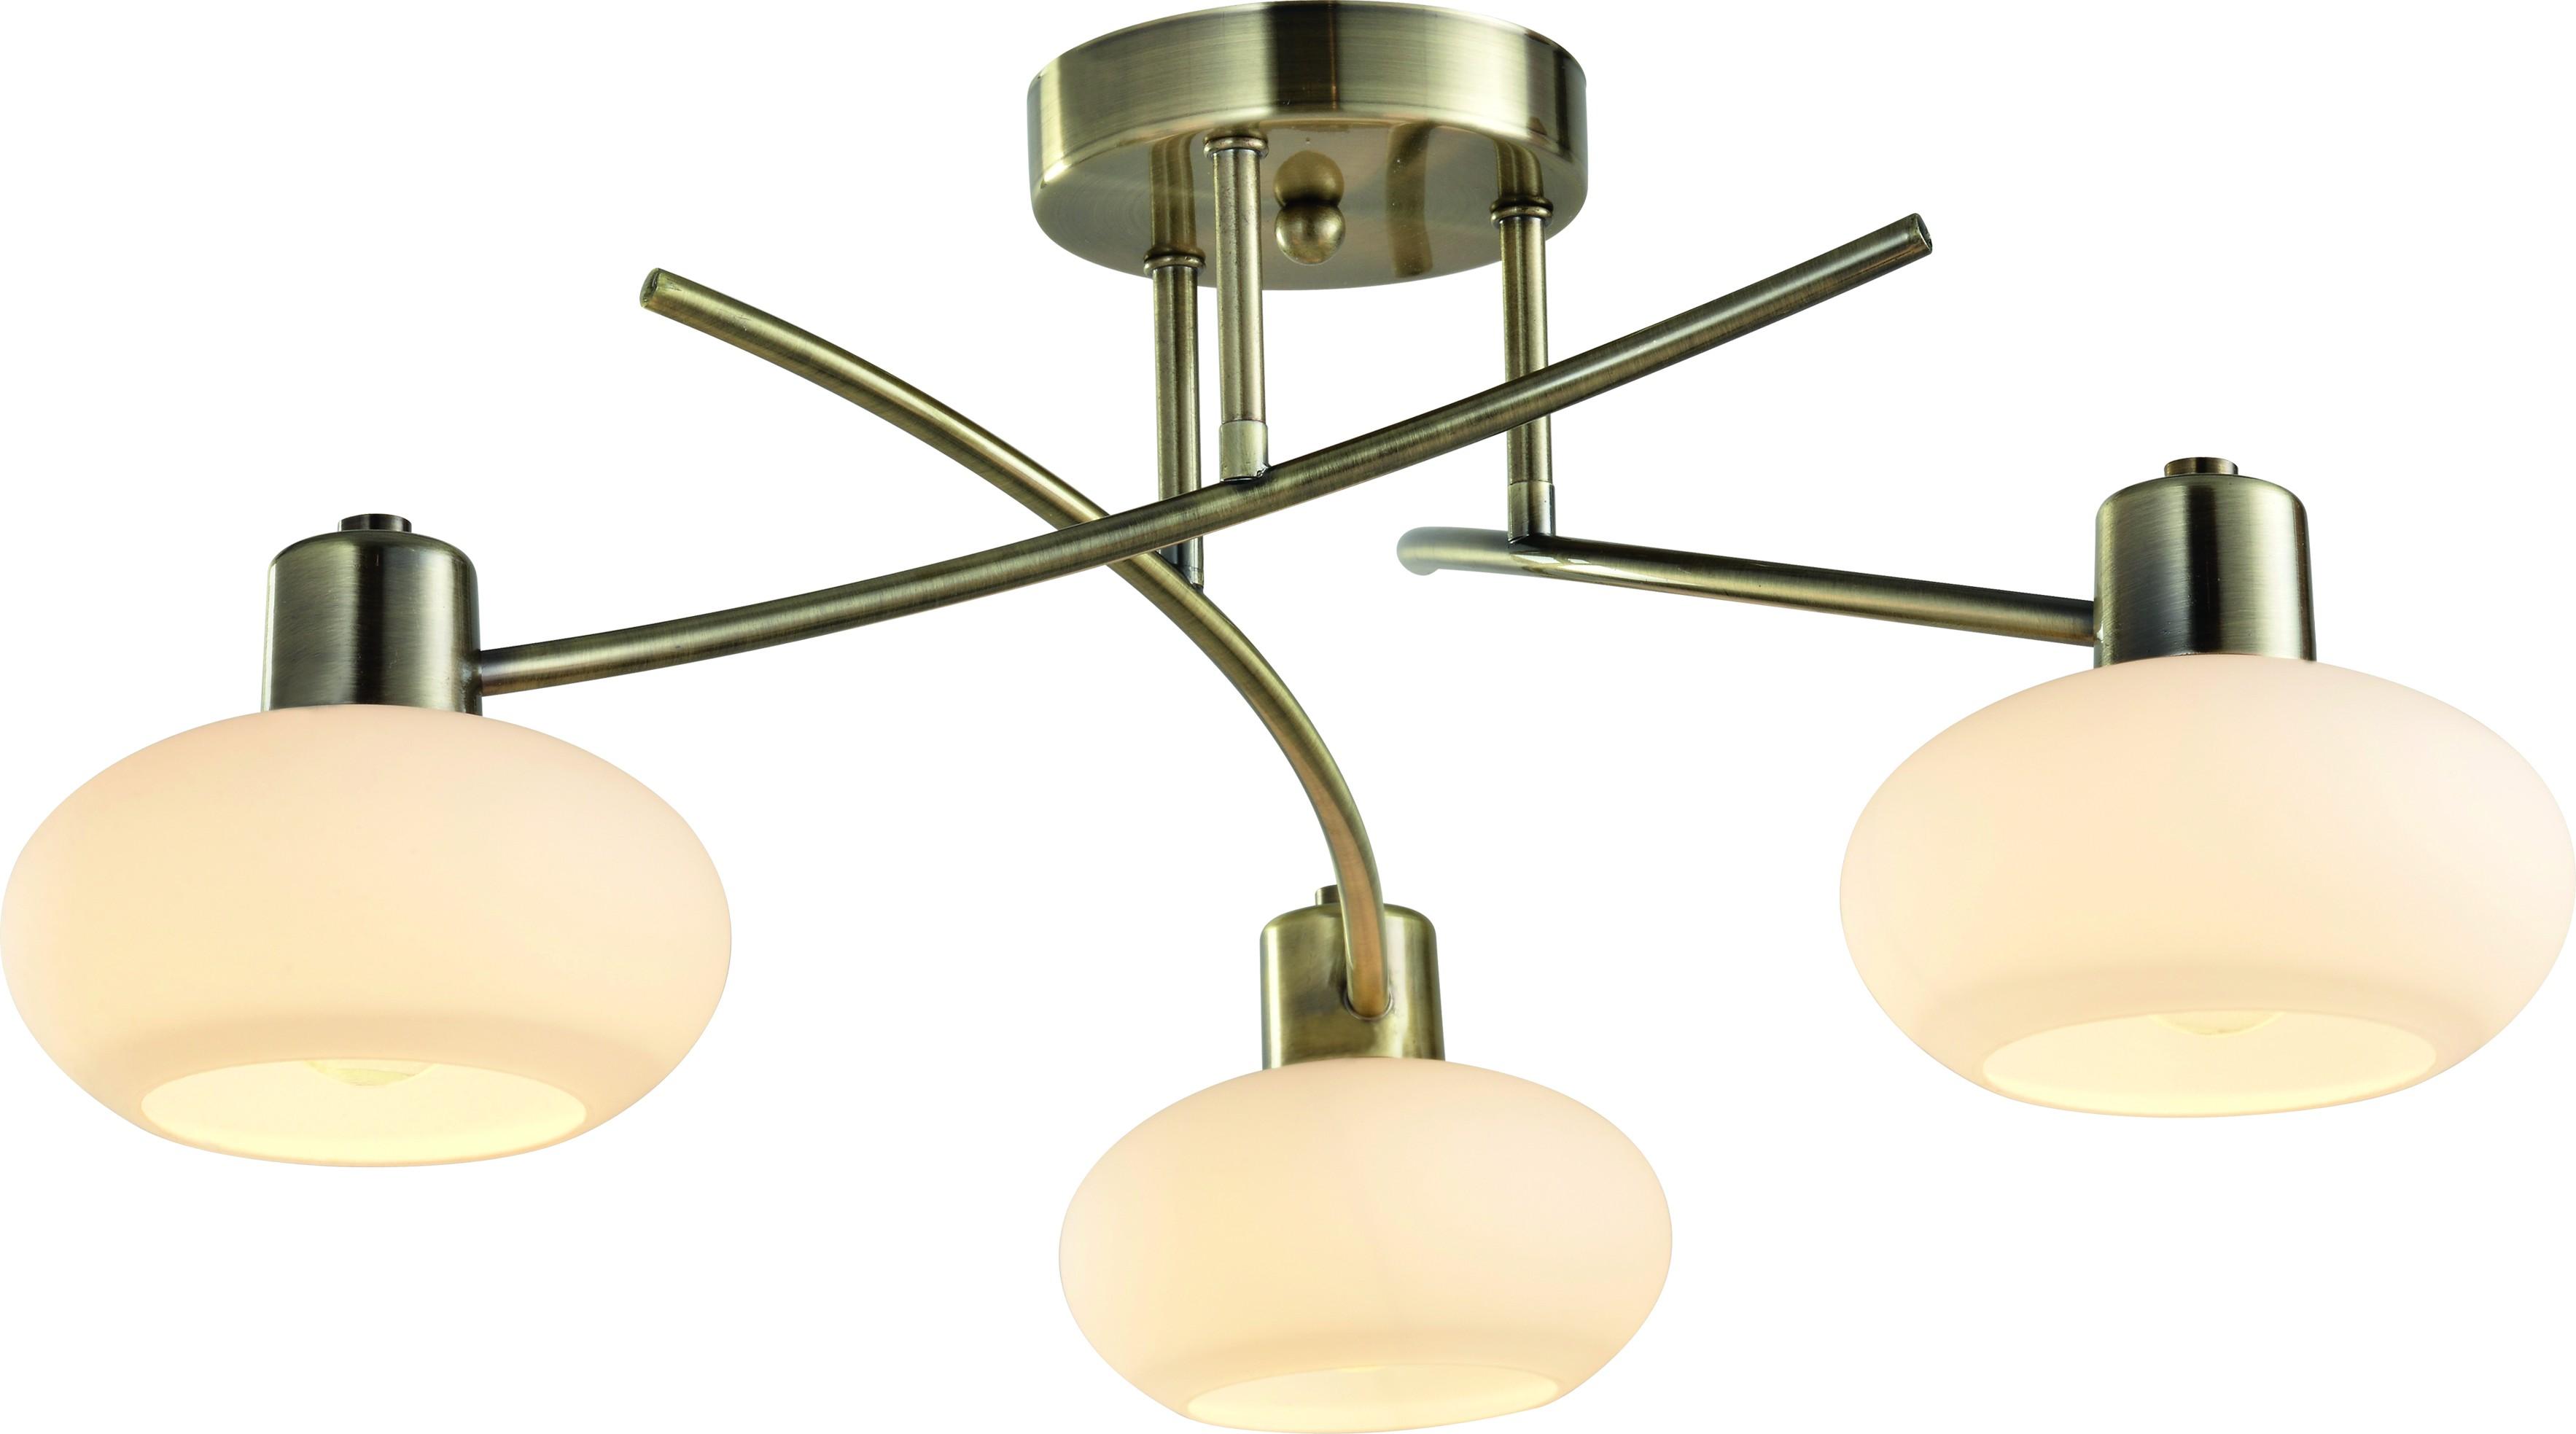 Люстра Arte lamp A7556pl-3ab arte lamp люстра arte lamp a7556pl 5ab